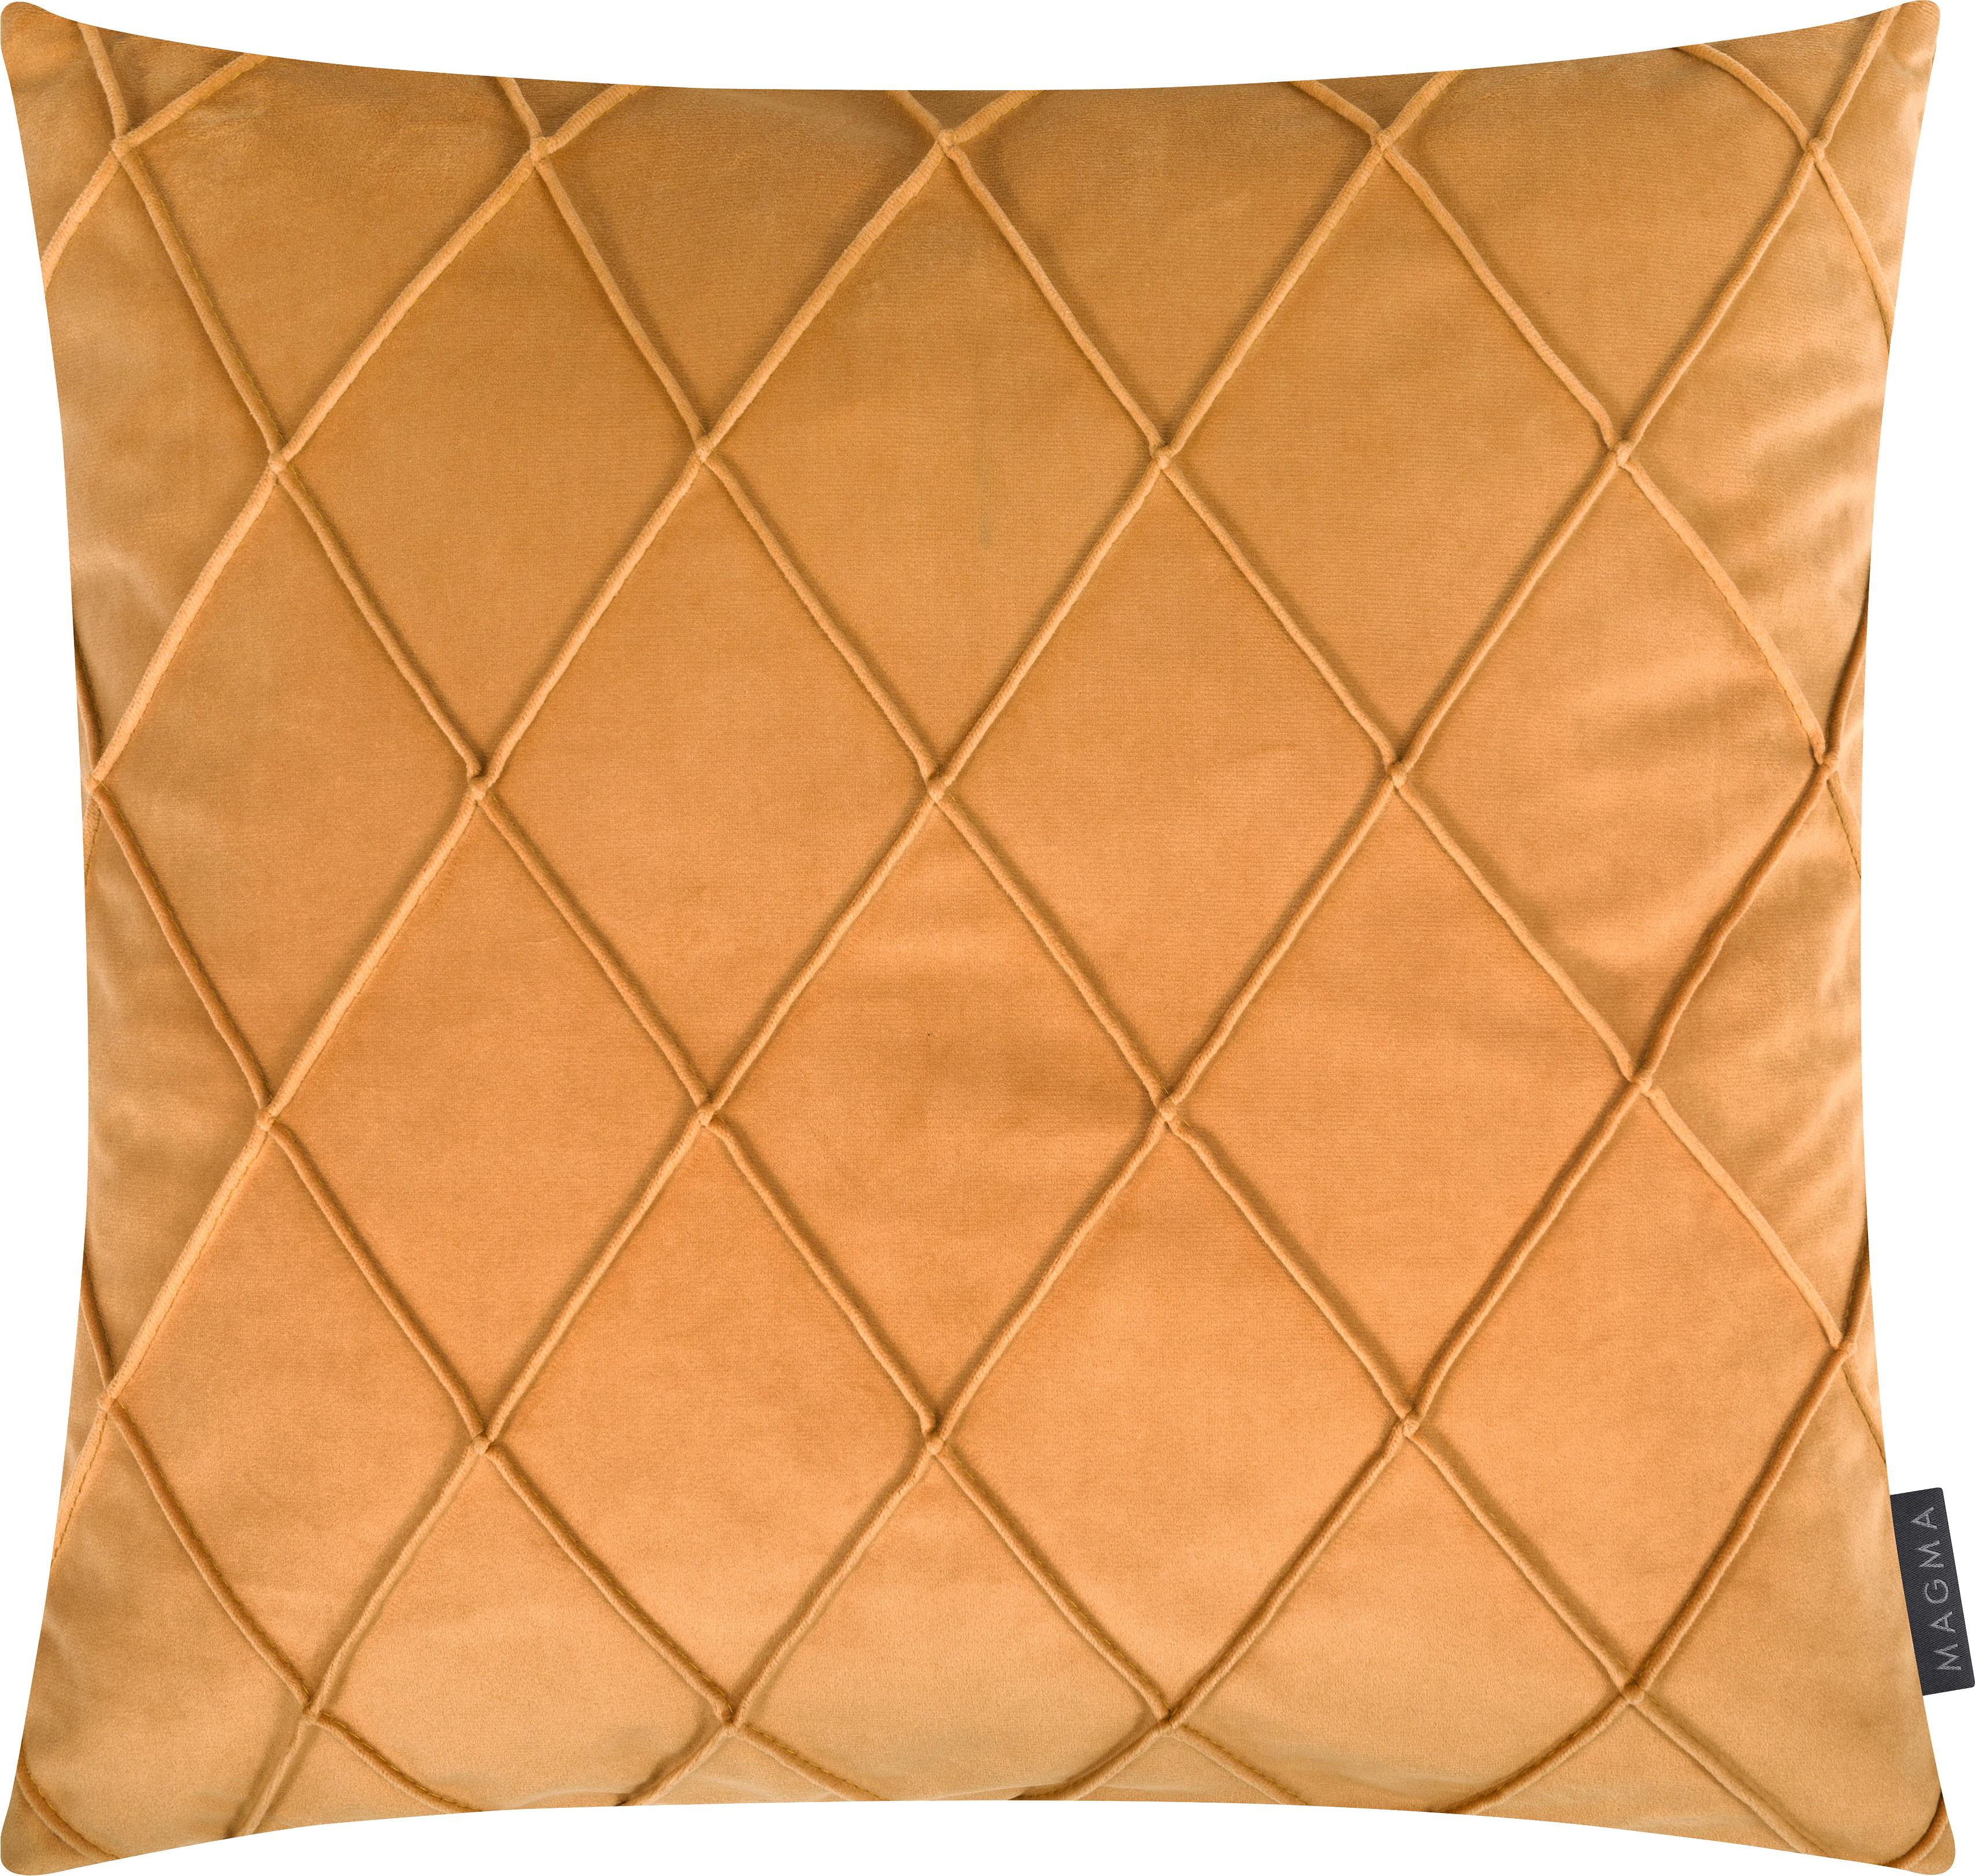 Funda de cojín de terciopelo Nobless, 100%terciopelo de poliéster, Amarillo, An 50 x L 50 cm